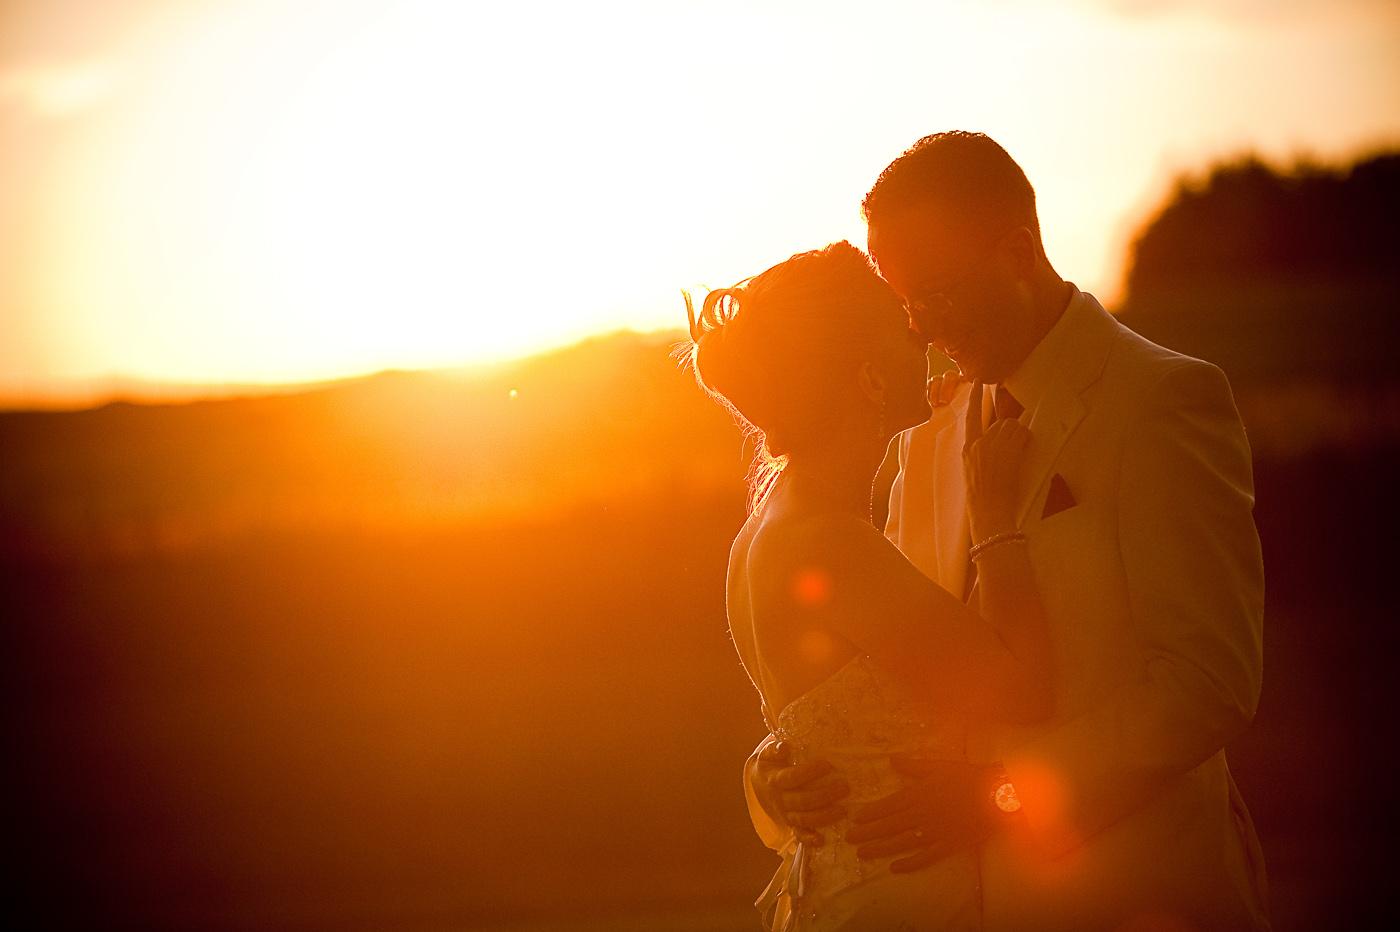 wedding-ring-002.jpg